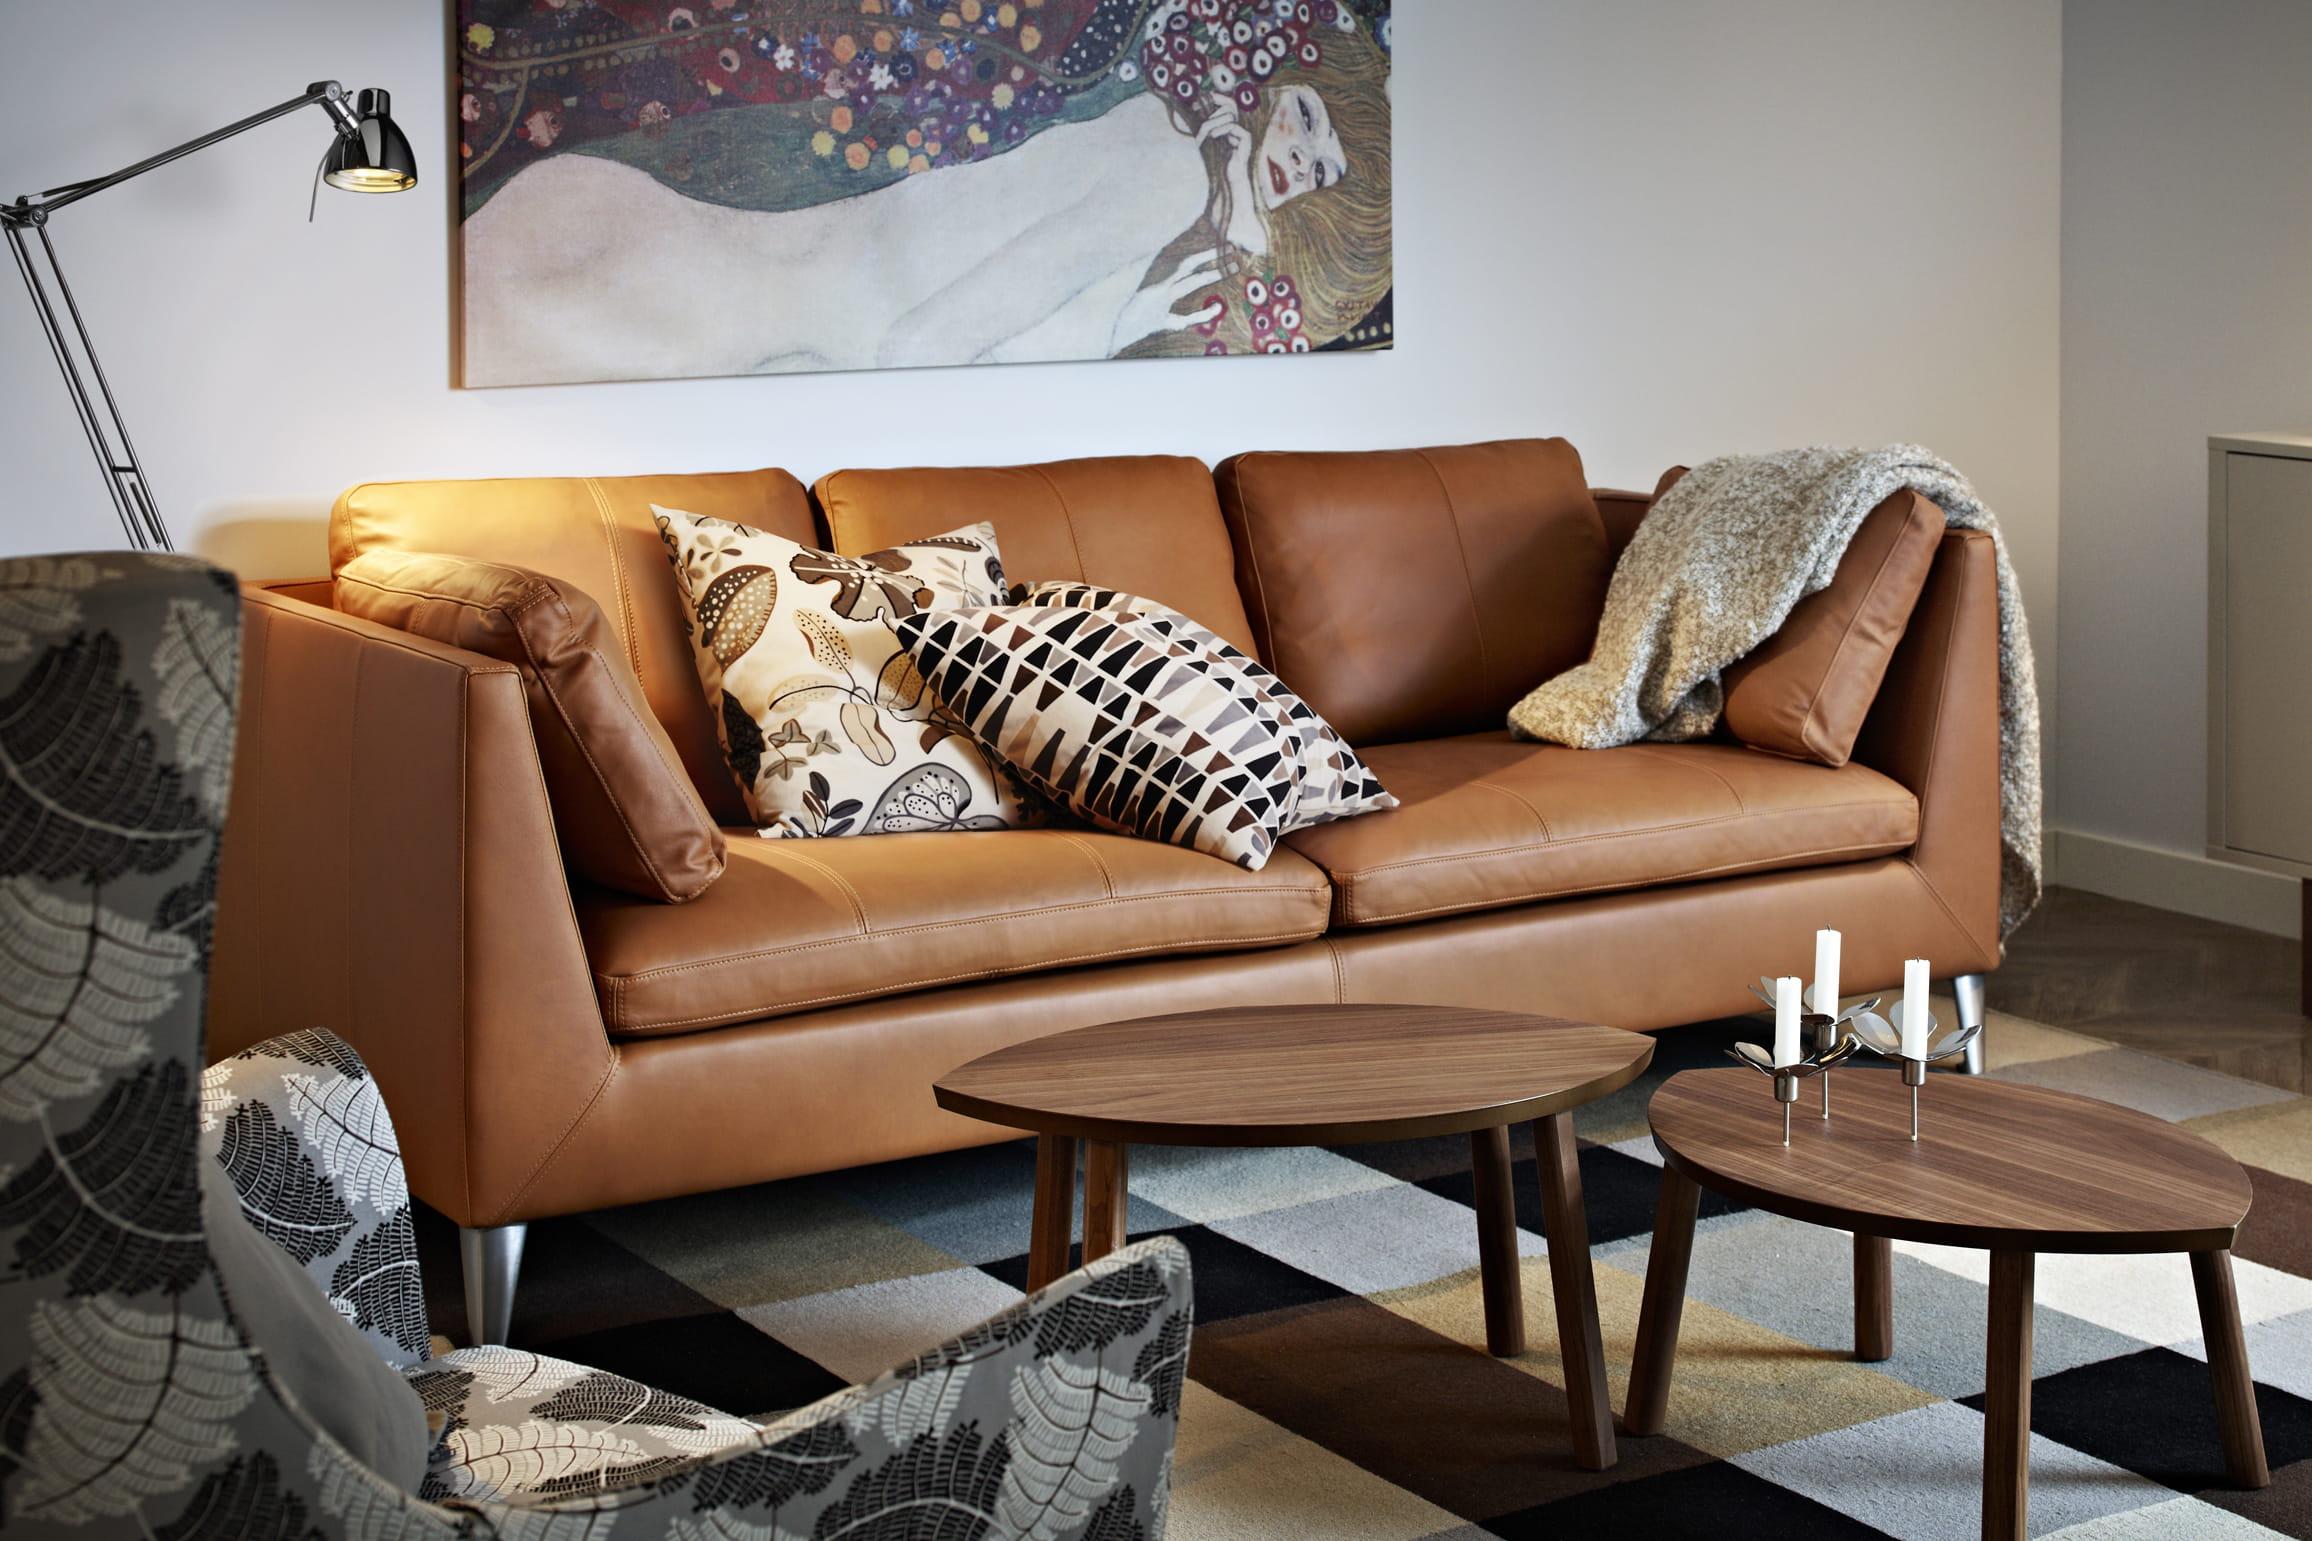 Les canap s en cuir sous les projecteurs journal des femmes - Canape le plus confortable ...